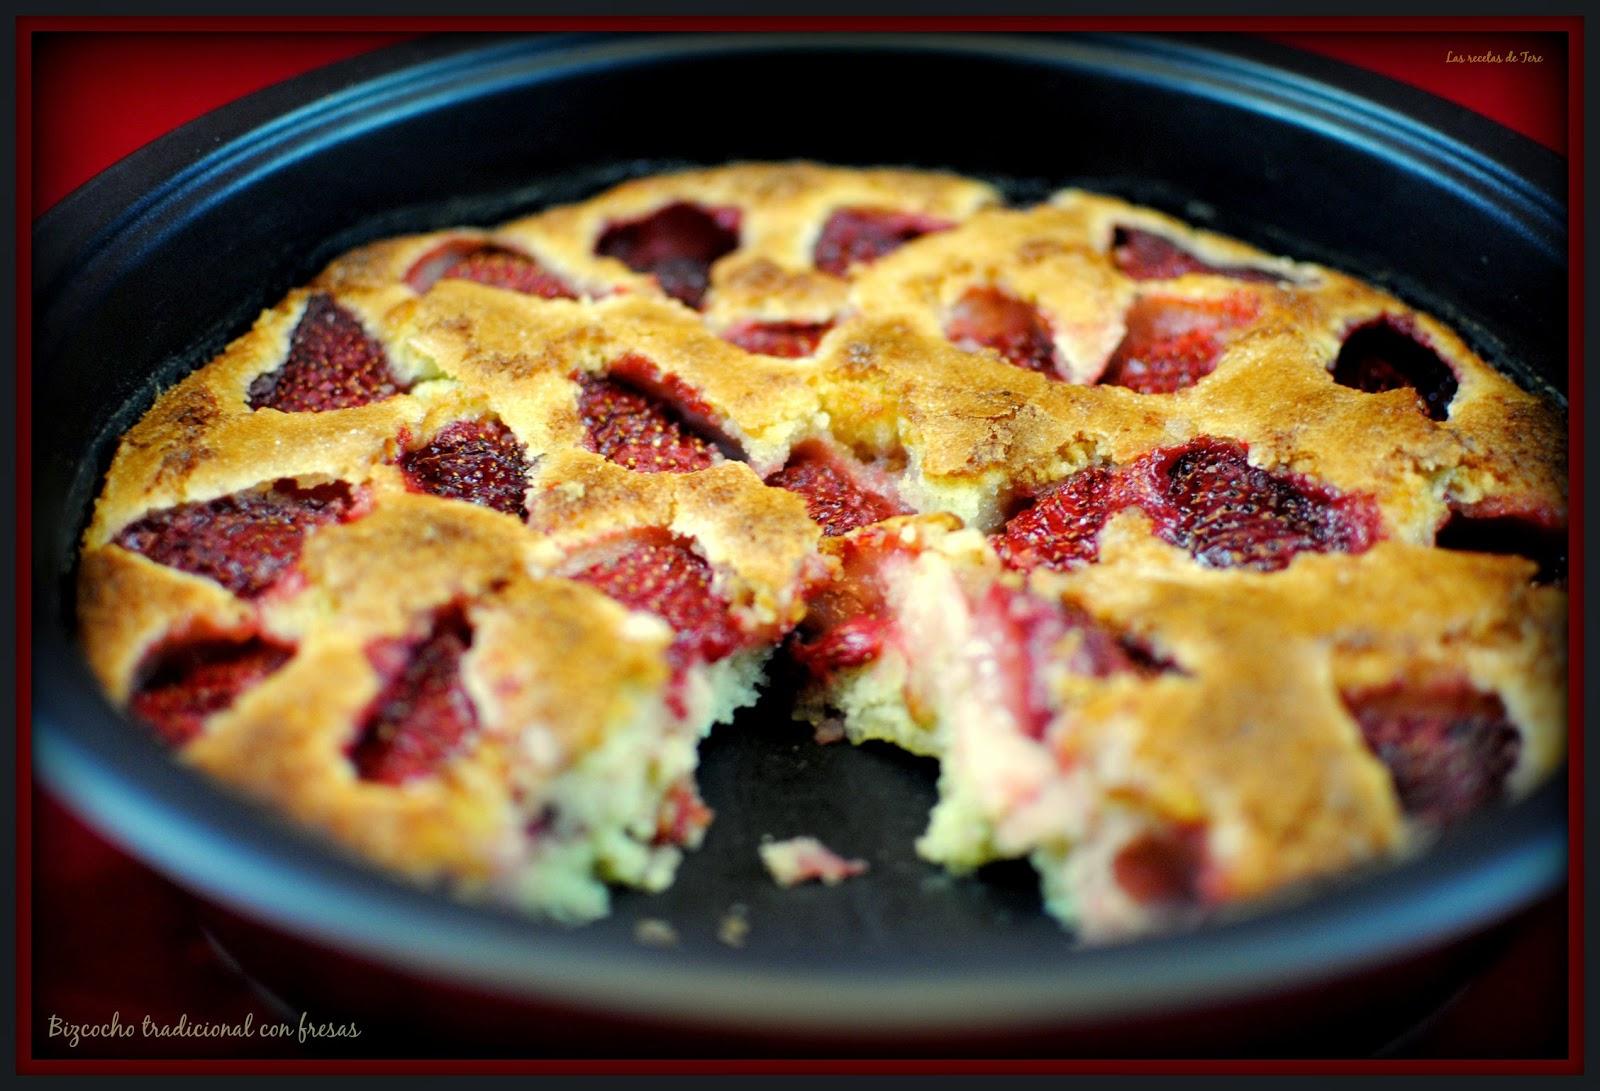 bizcocho tradicional con fresas tererecetas 01